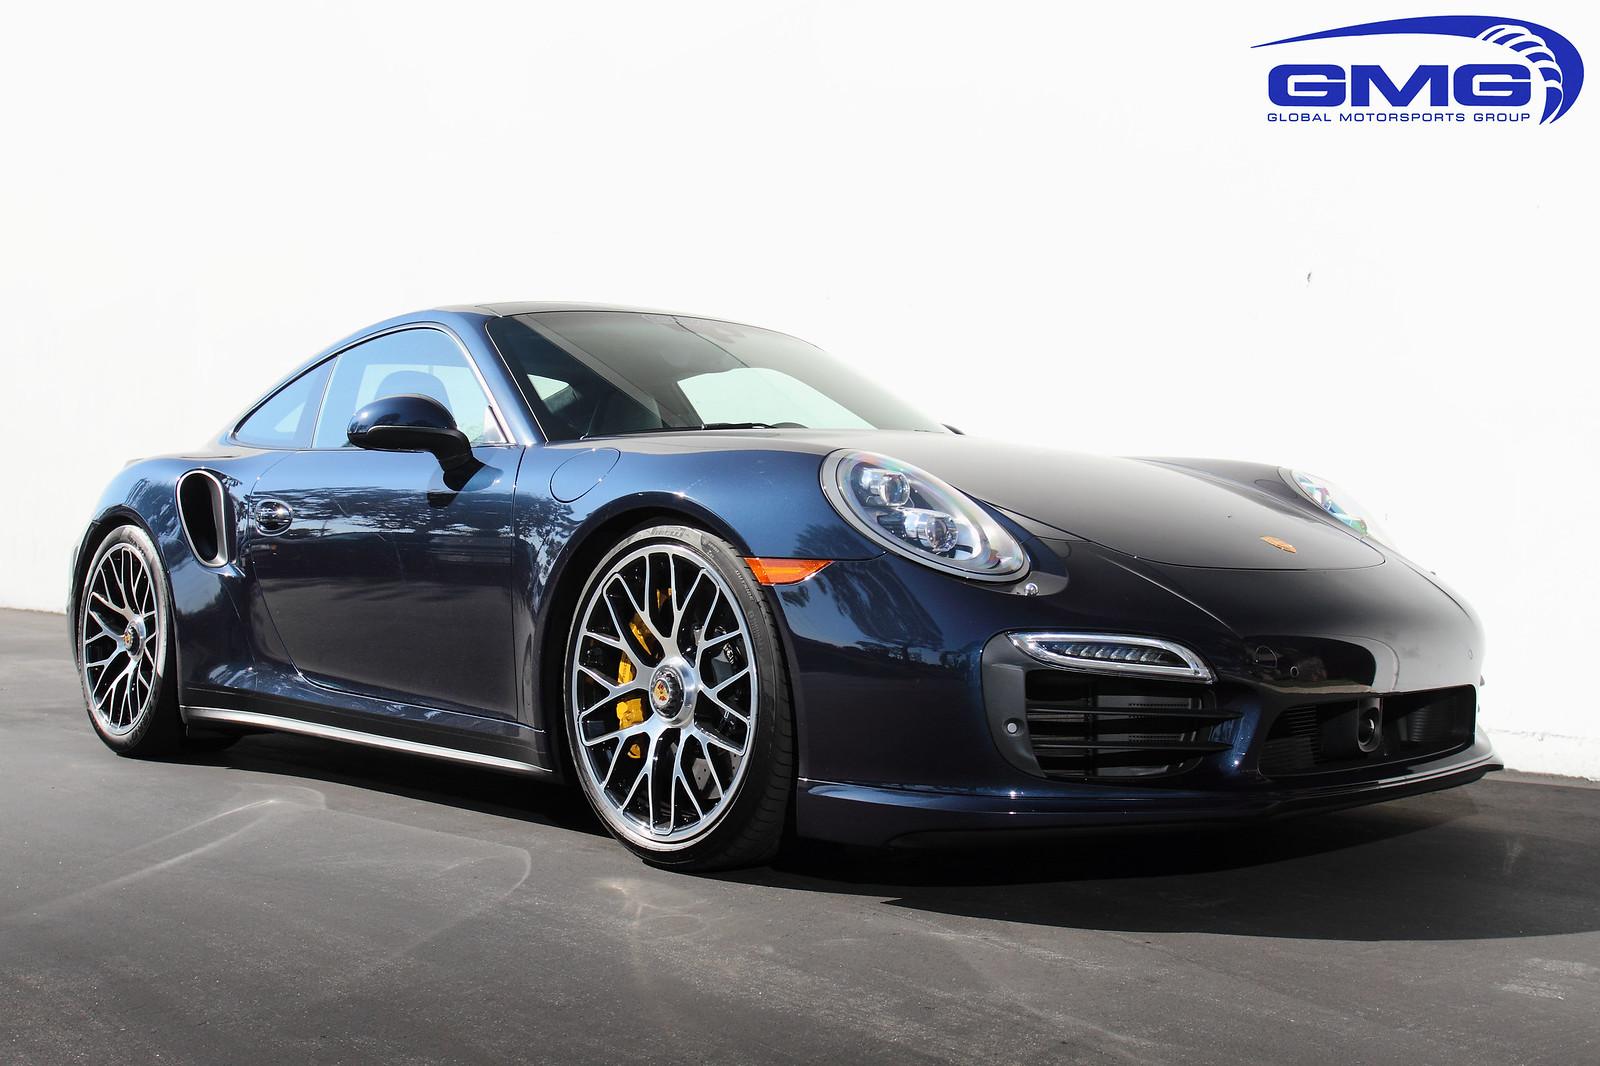 Porsche 991 Turbo S Dark Blue Metallic W Gmg Lowering